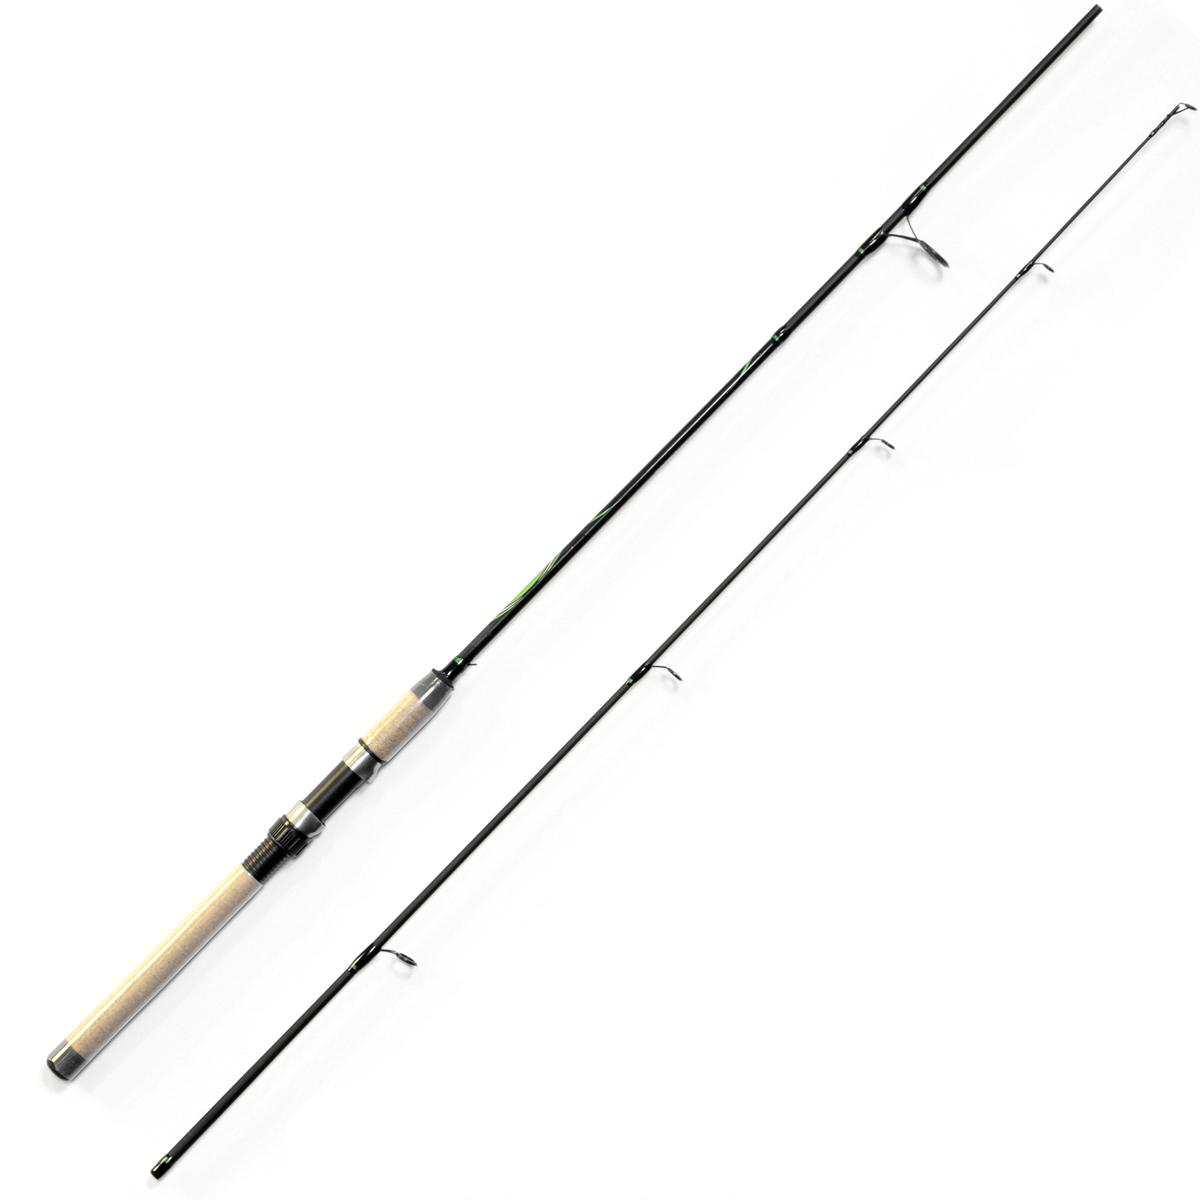 Спиннинг Salmo Sniper Ultra, 2,1 м, 5-25 г2516-210Спиннинг Salmo Sniper Ultra - универсальный спиннинг среднего строя из композита. Бланк имеет классическую расстановку колец со вставками SIC на одной ножке крепления, а самое большое – на двух, стык колен спиннинга произведен по типу Over Steek. Ручка имеет классический катушкодержатель с нижней гайкой крепления и пластиковый наконечник на торце.